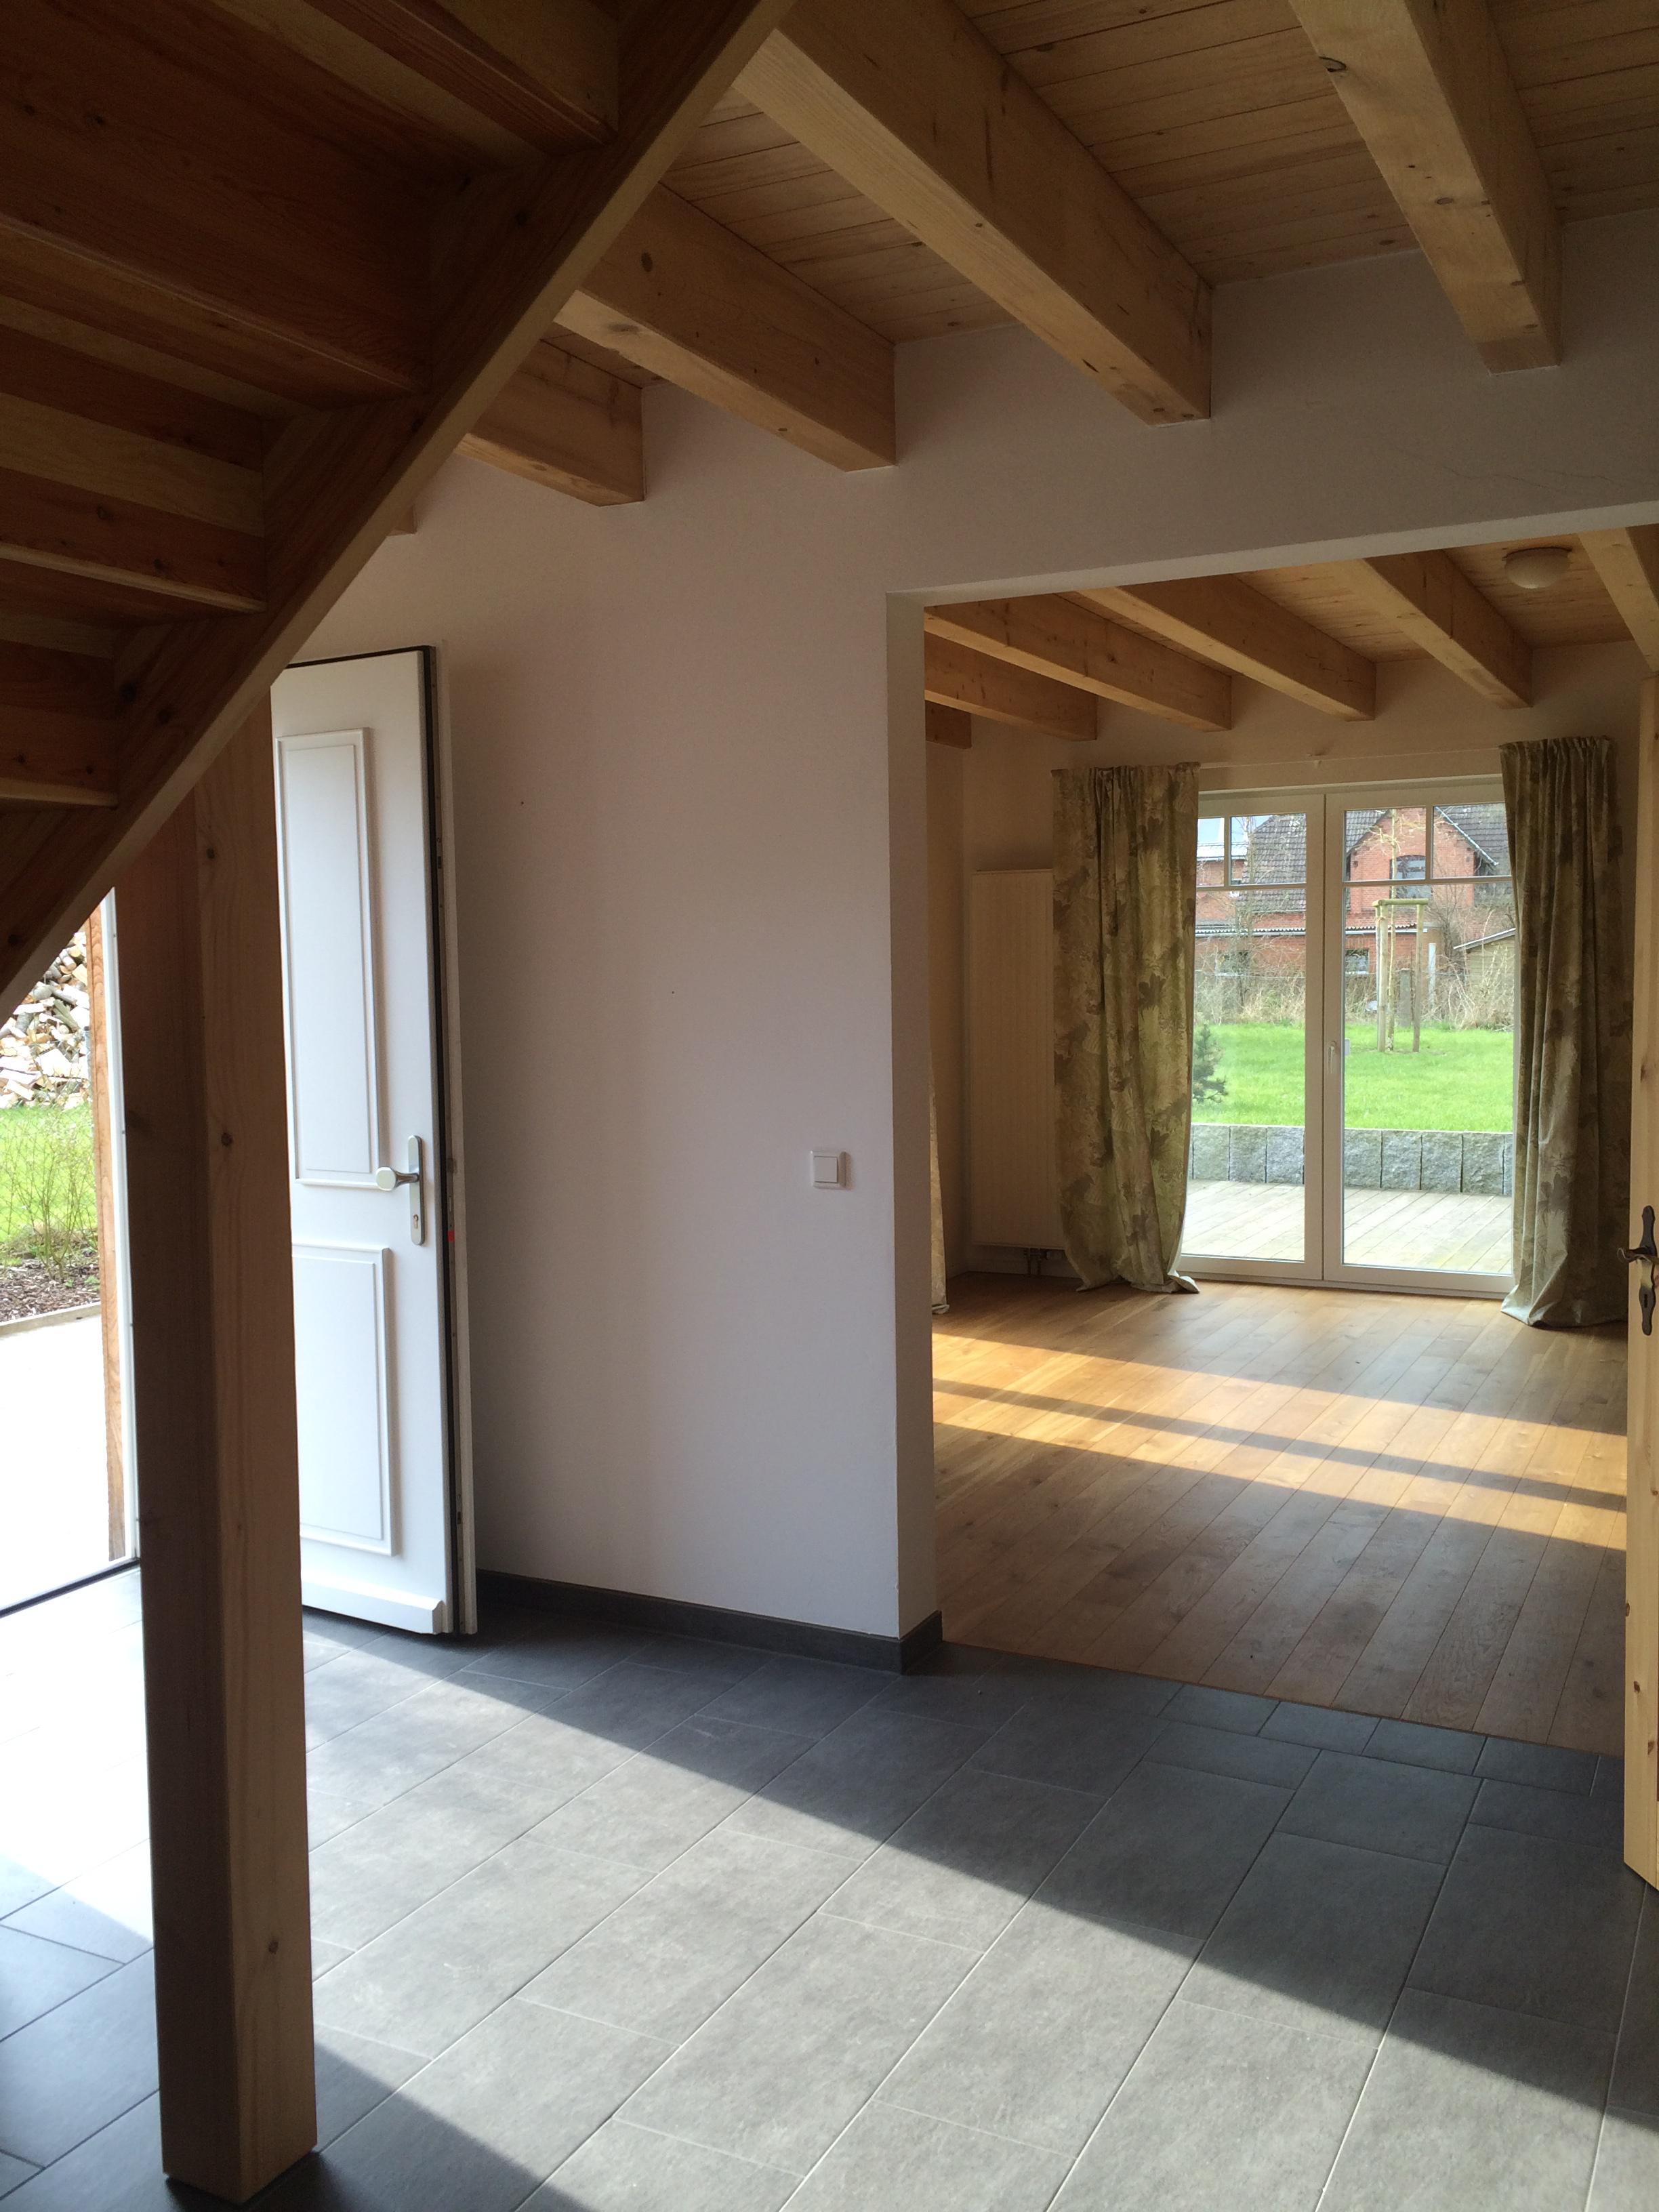 Neubau, komplett ausgestattetes Haus zum Wohnen und Arbeiten in der Nähe von Schalsee zu verkaufen.